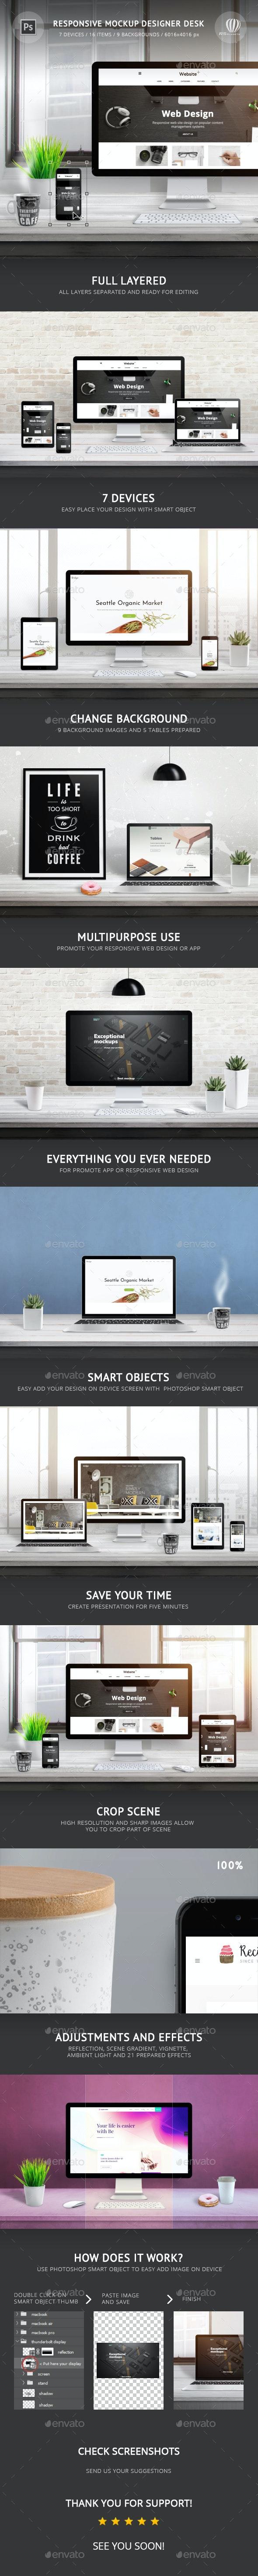 Responsive Mockup Designer Desk - Displays Product Mock-Ups